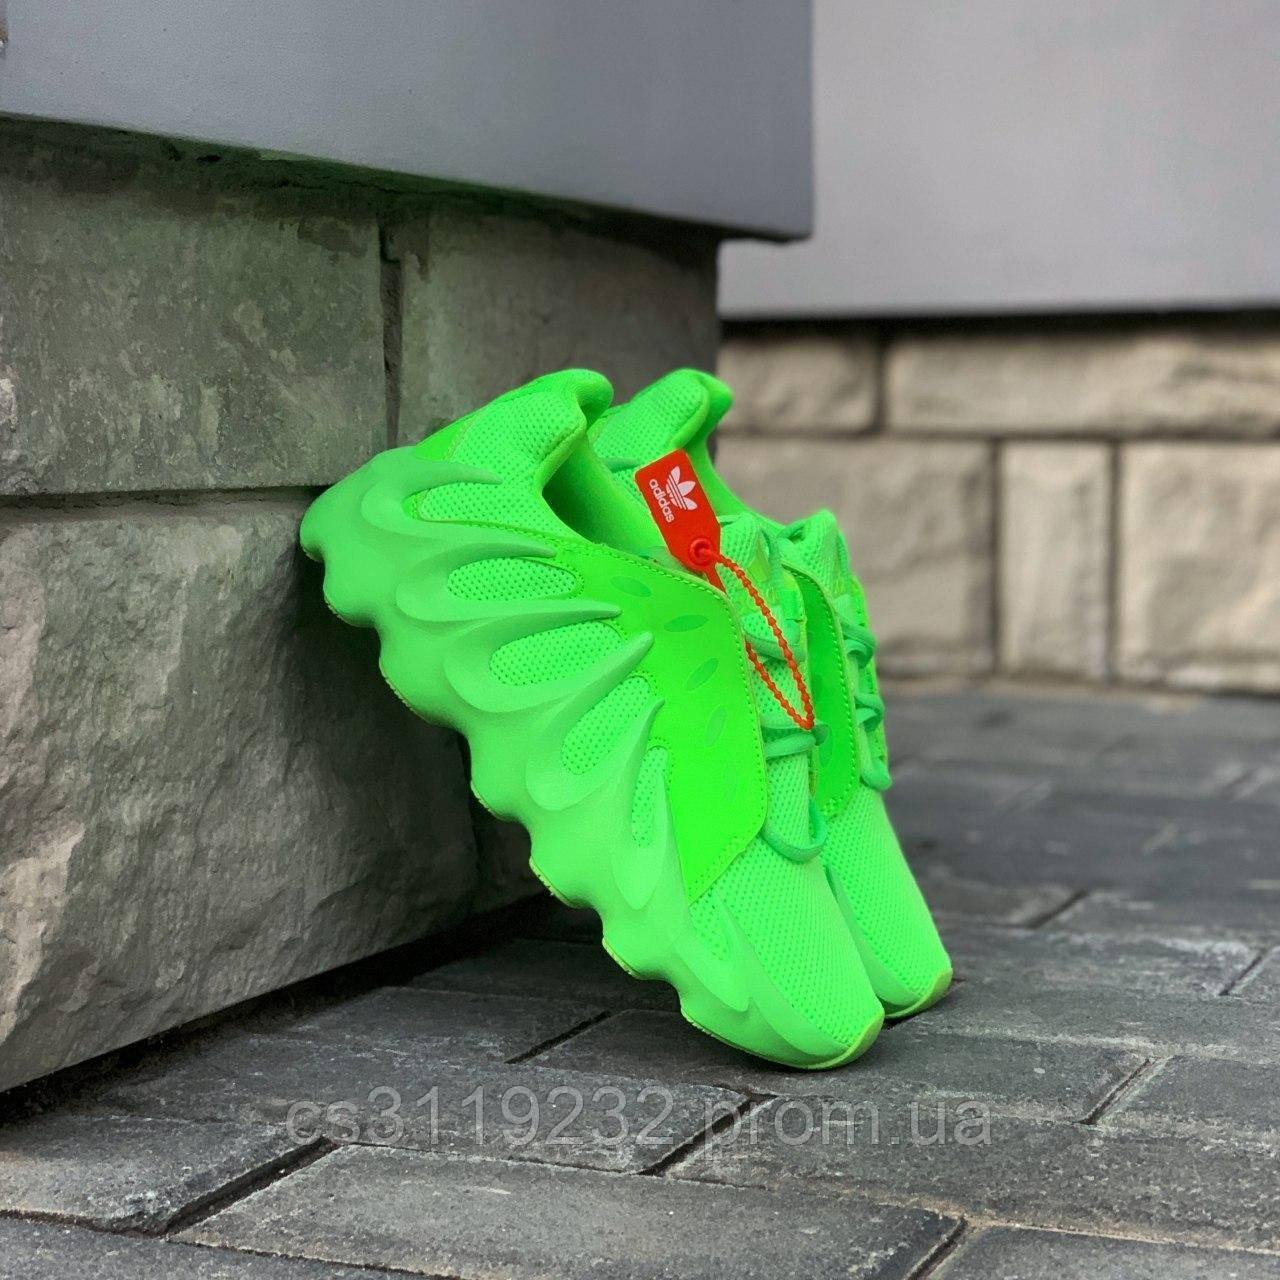 Мужские кроссовки Adidas Yeezy boost 451 Green (салатовые)